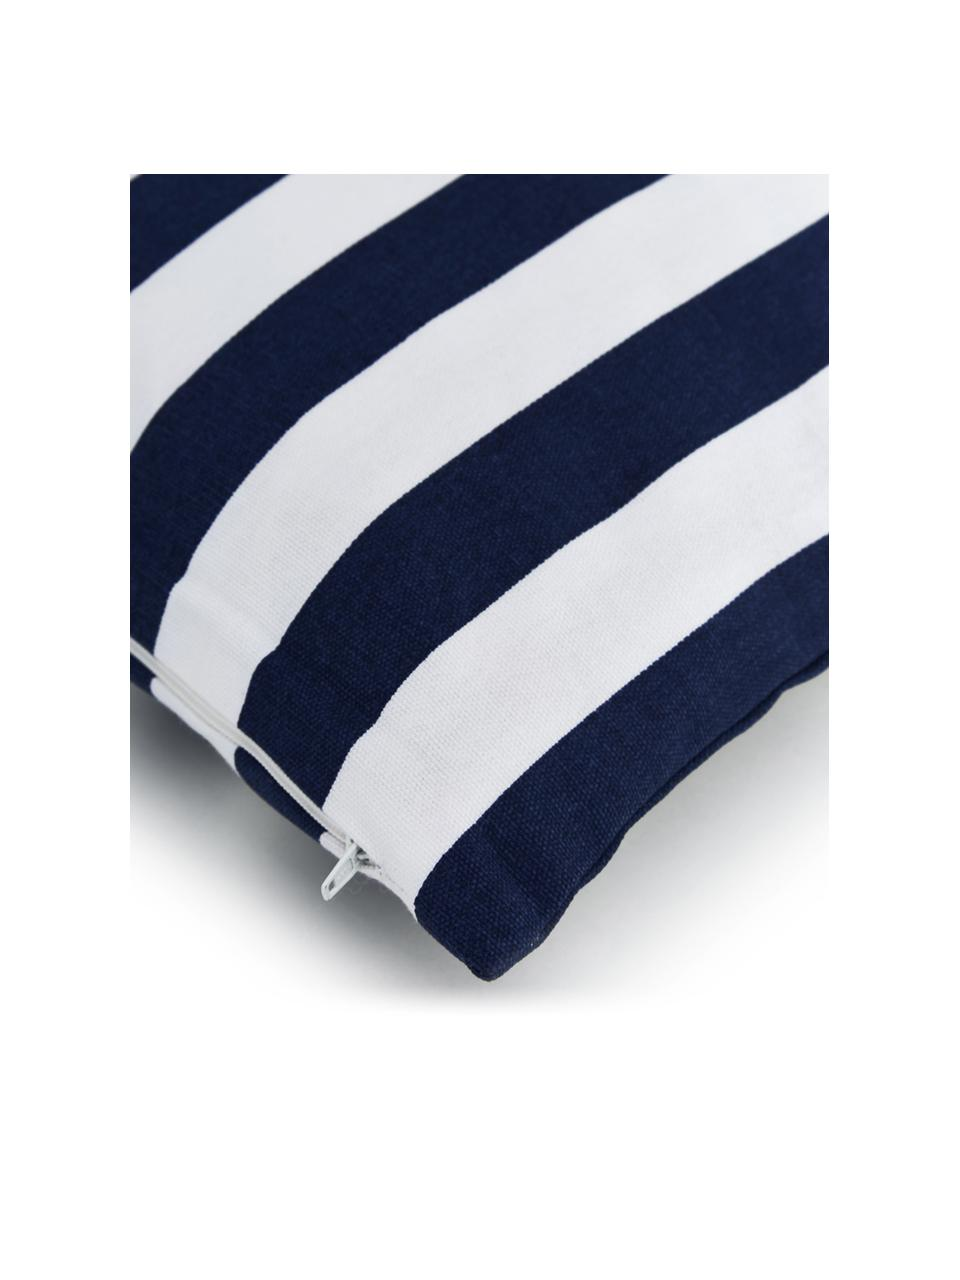 Gestreifte Kissenhülle Timon in Dunkelblau/Weiß, 100% Baumwolle, Dunkelblau, Weiß, 50 x 50 cm